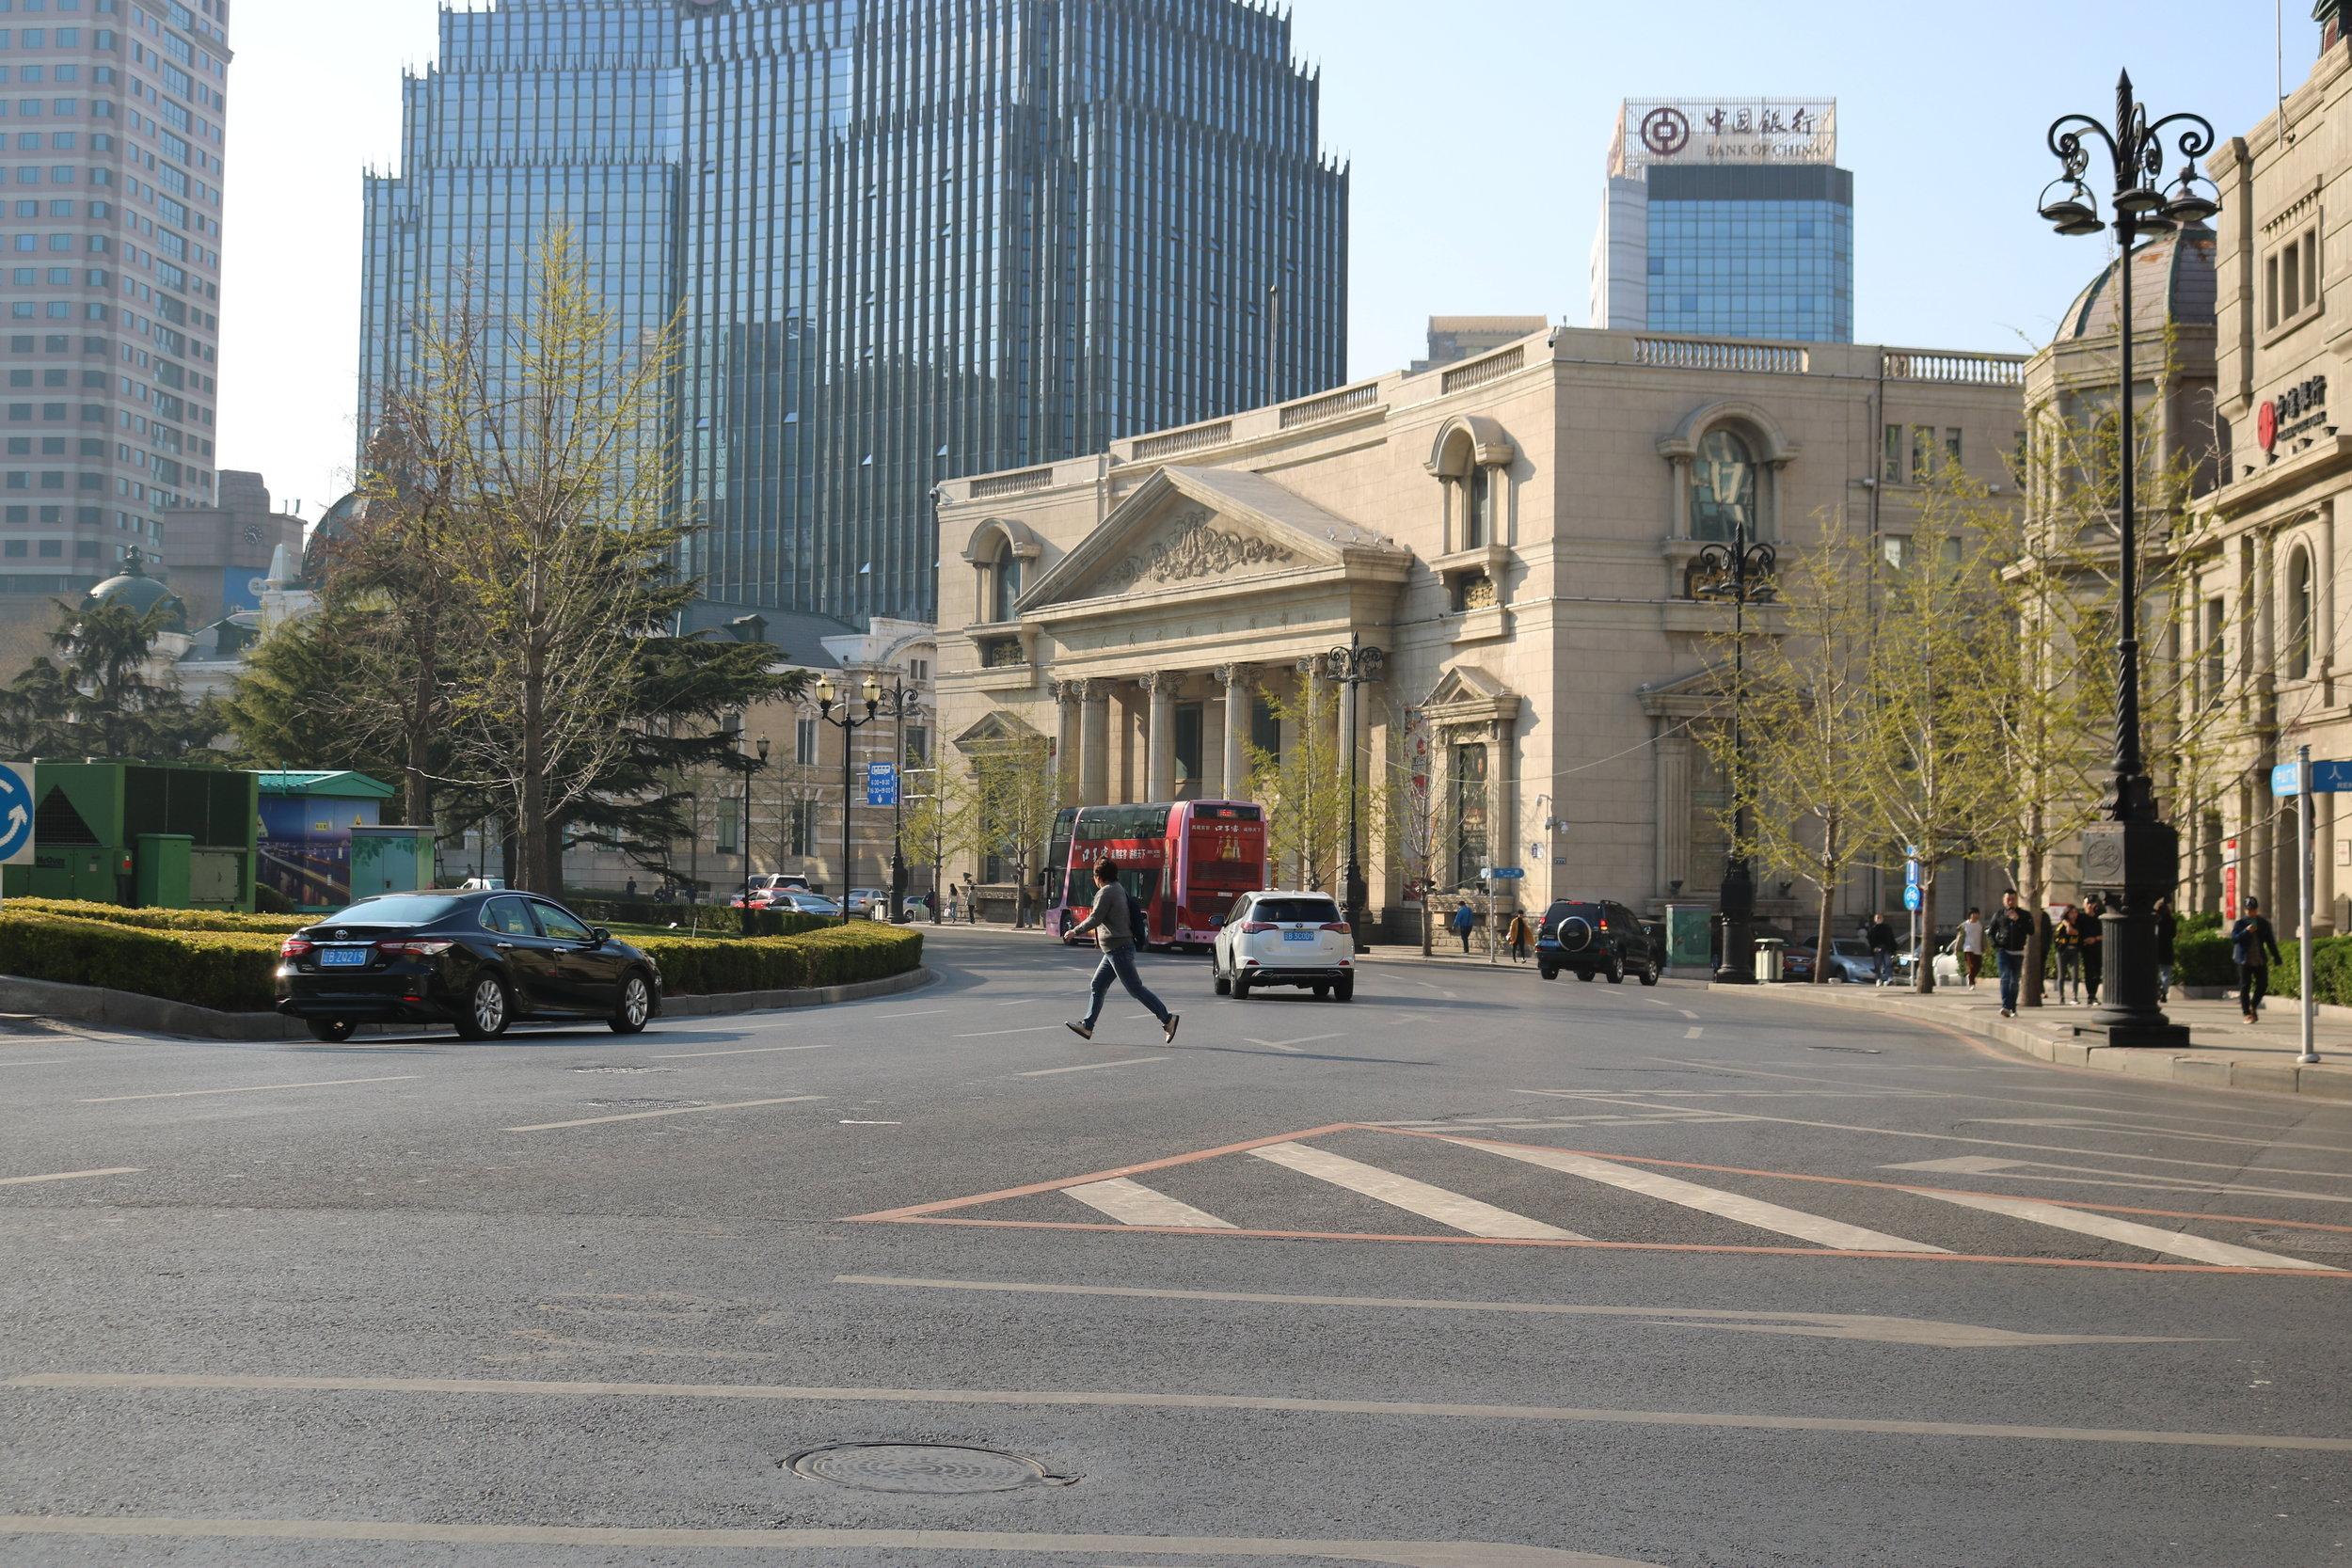 Zhongshan Square - Dalian, China